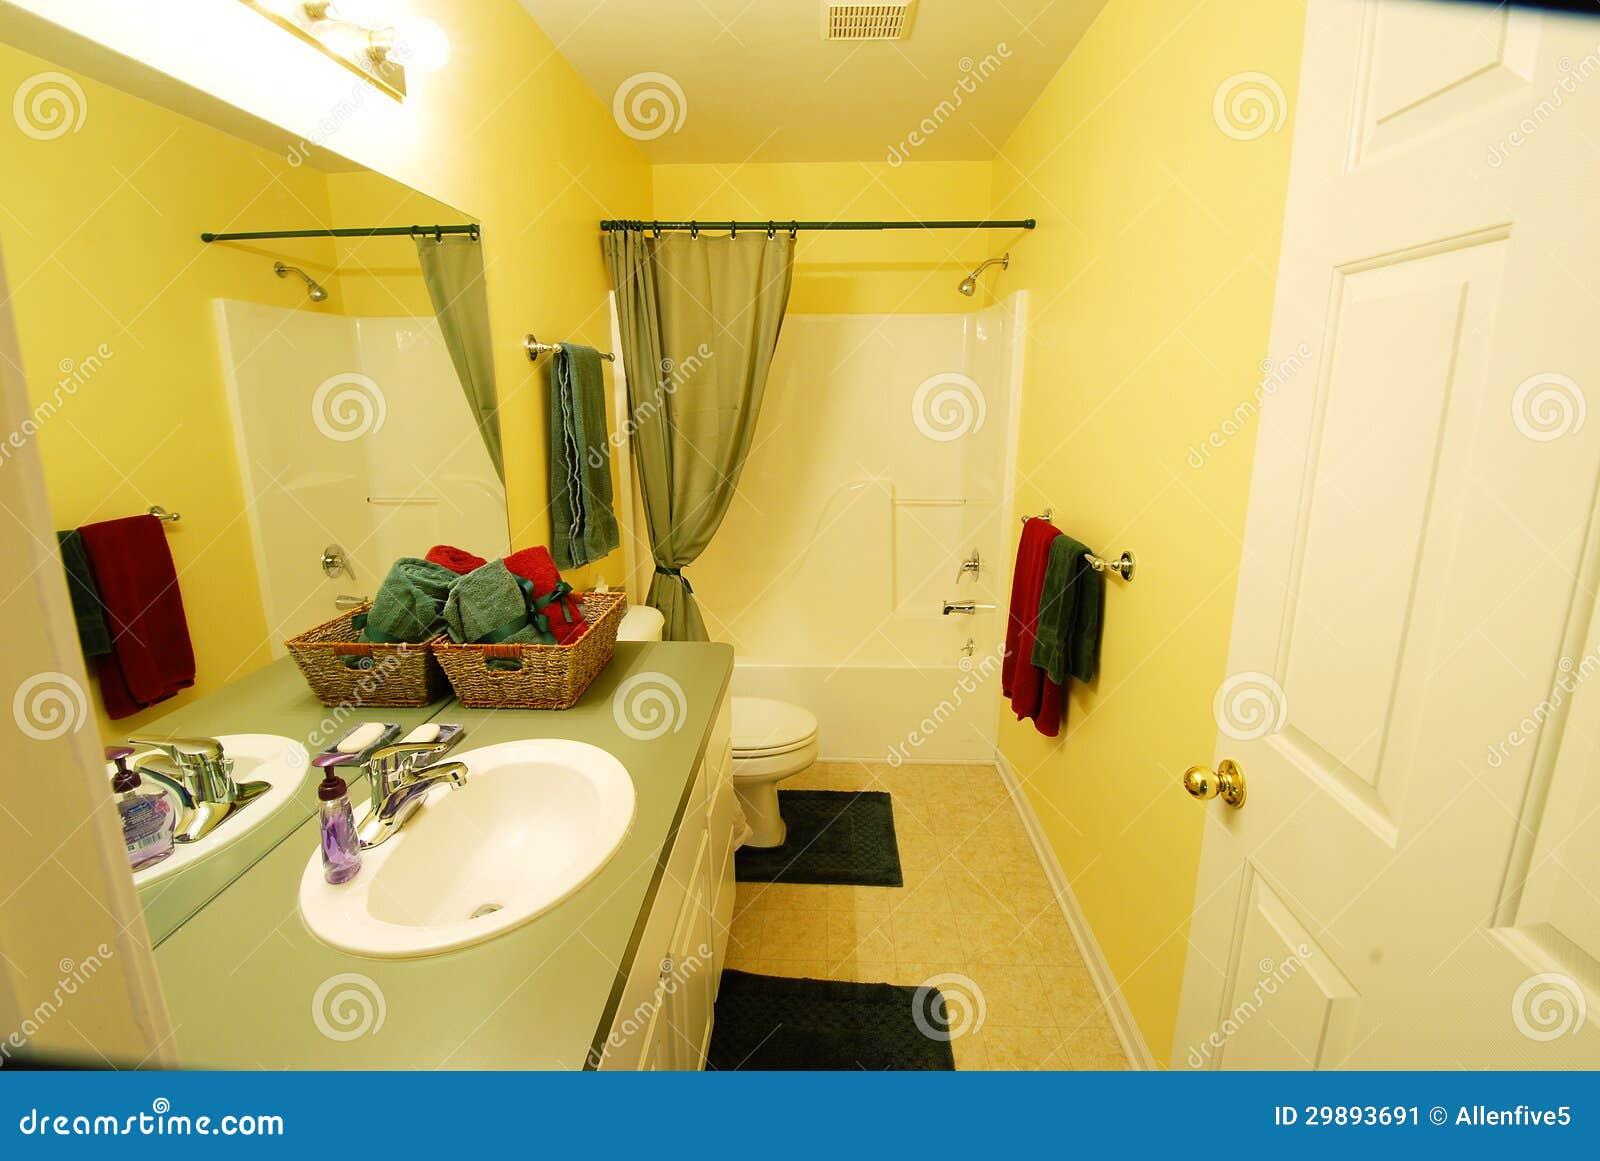 bagno giallo moderno immagine stock immagine di acquazzone 29893691. Black Bedroom Furniture Sets. Home Design Ideas